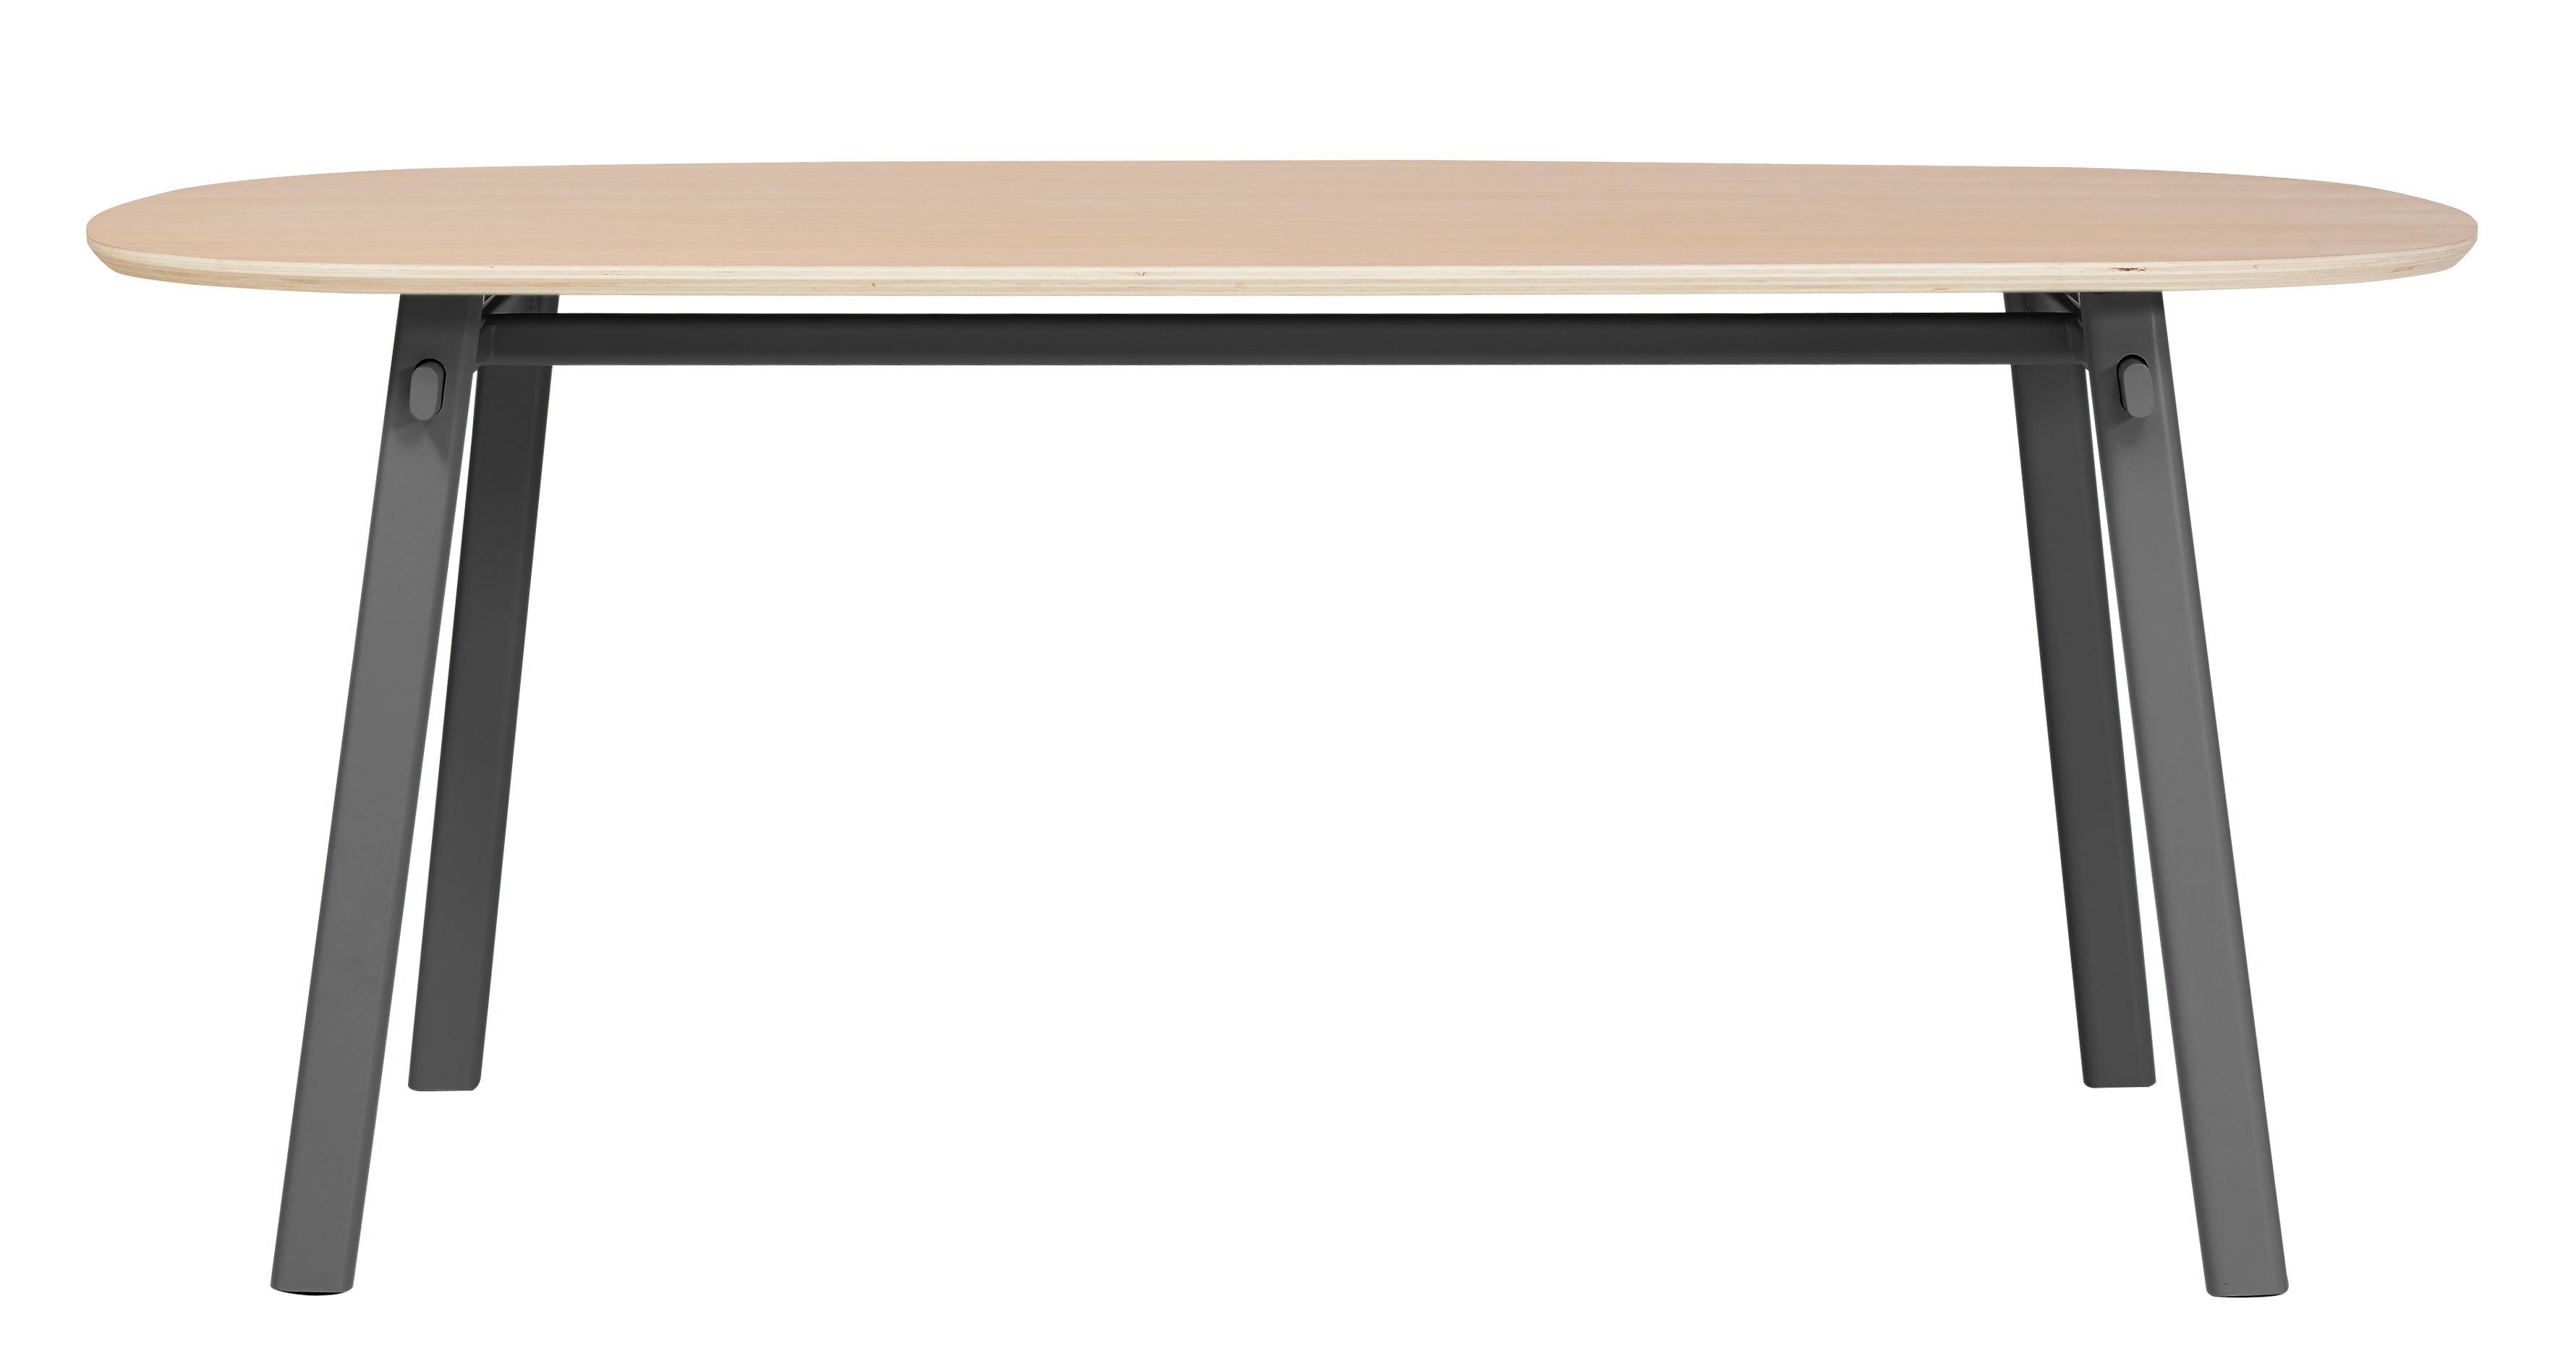 Arredamento - Tavoli - Tavolo Céleste / L 180 cm - Hartô - Grigio ardesia - Compensato, Metallo